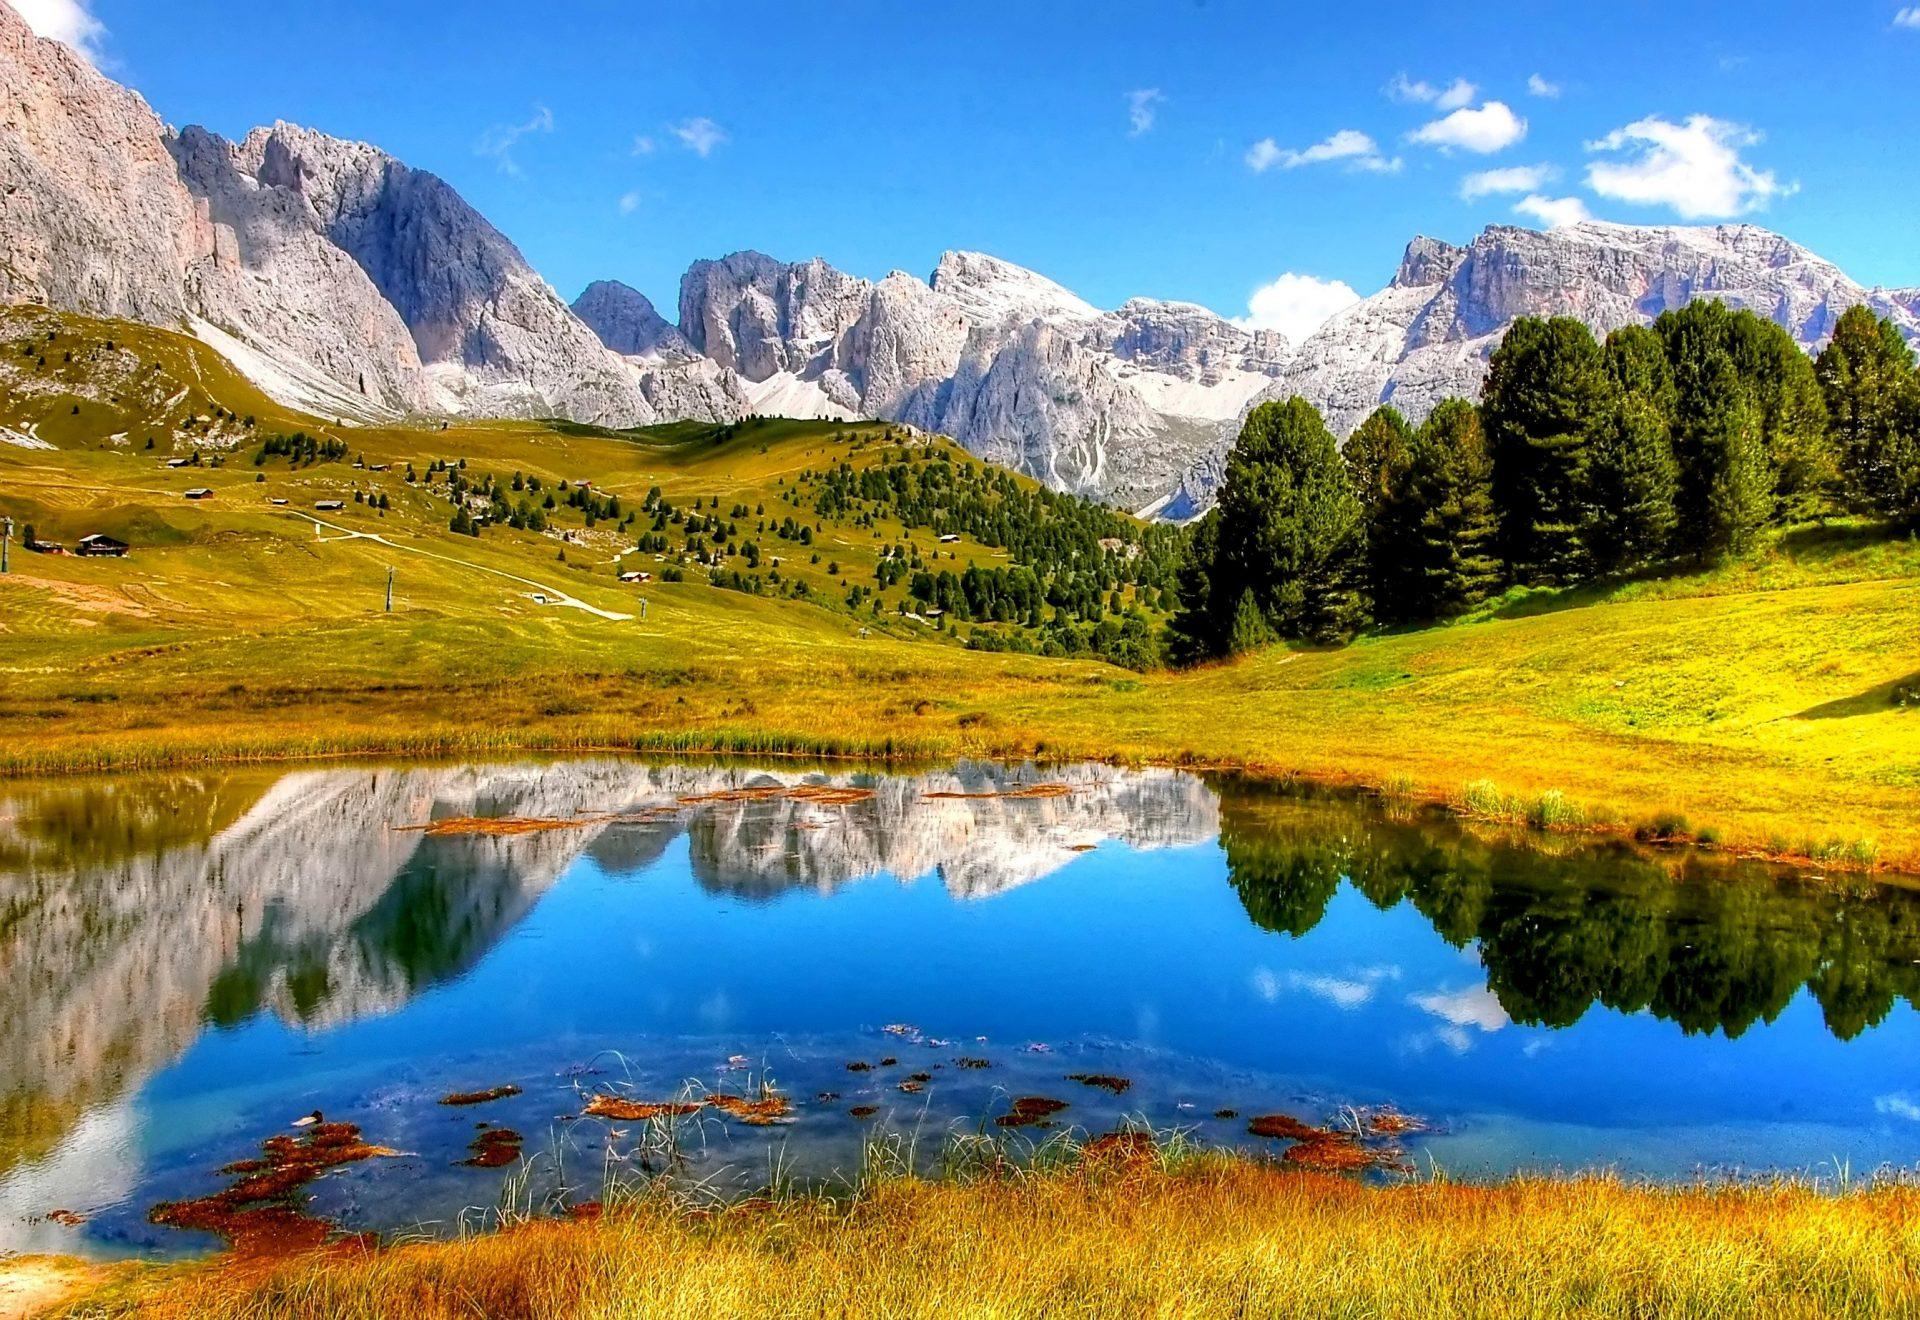 clouds-daylight-forest-grass-371589